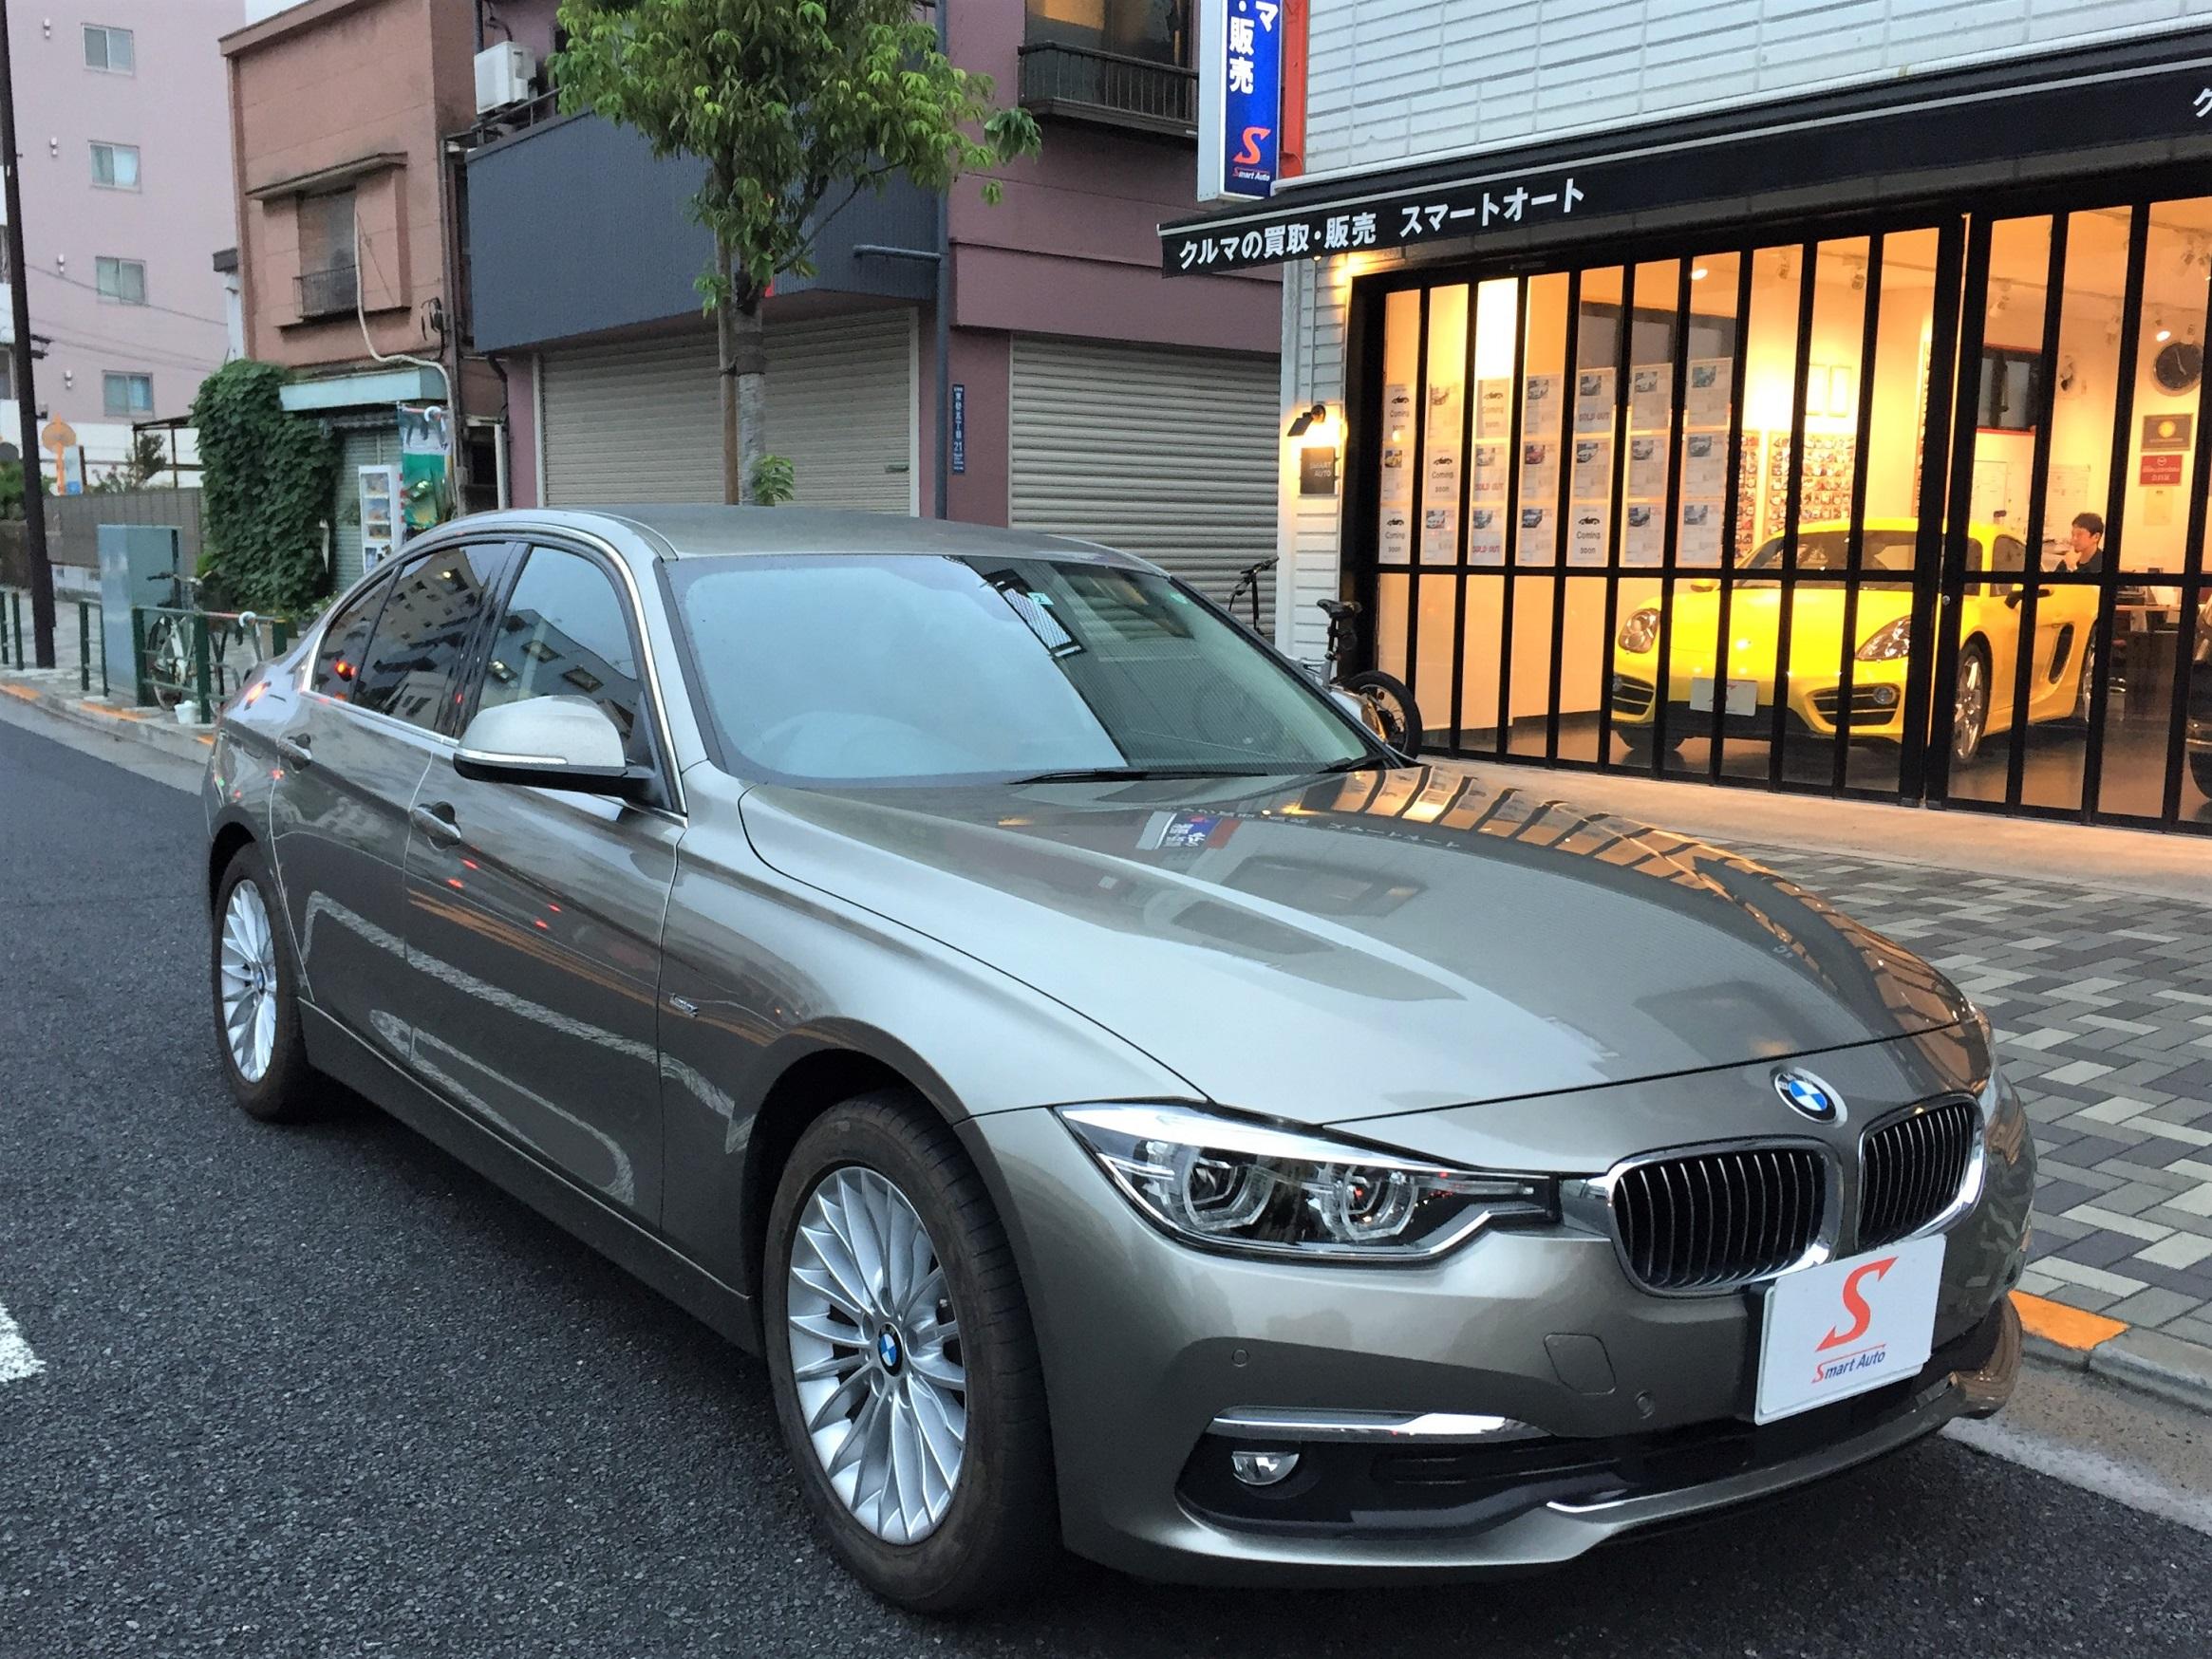 2017年式 BMW 320d ラグジュアリー をお買取させていただき、弊社販売車両に追加しました。